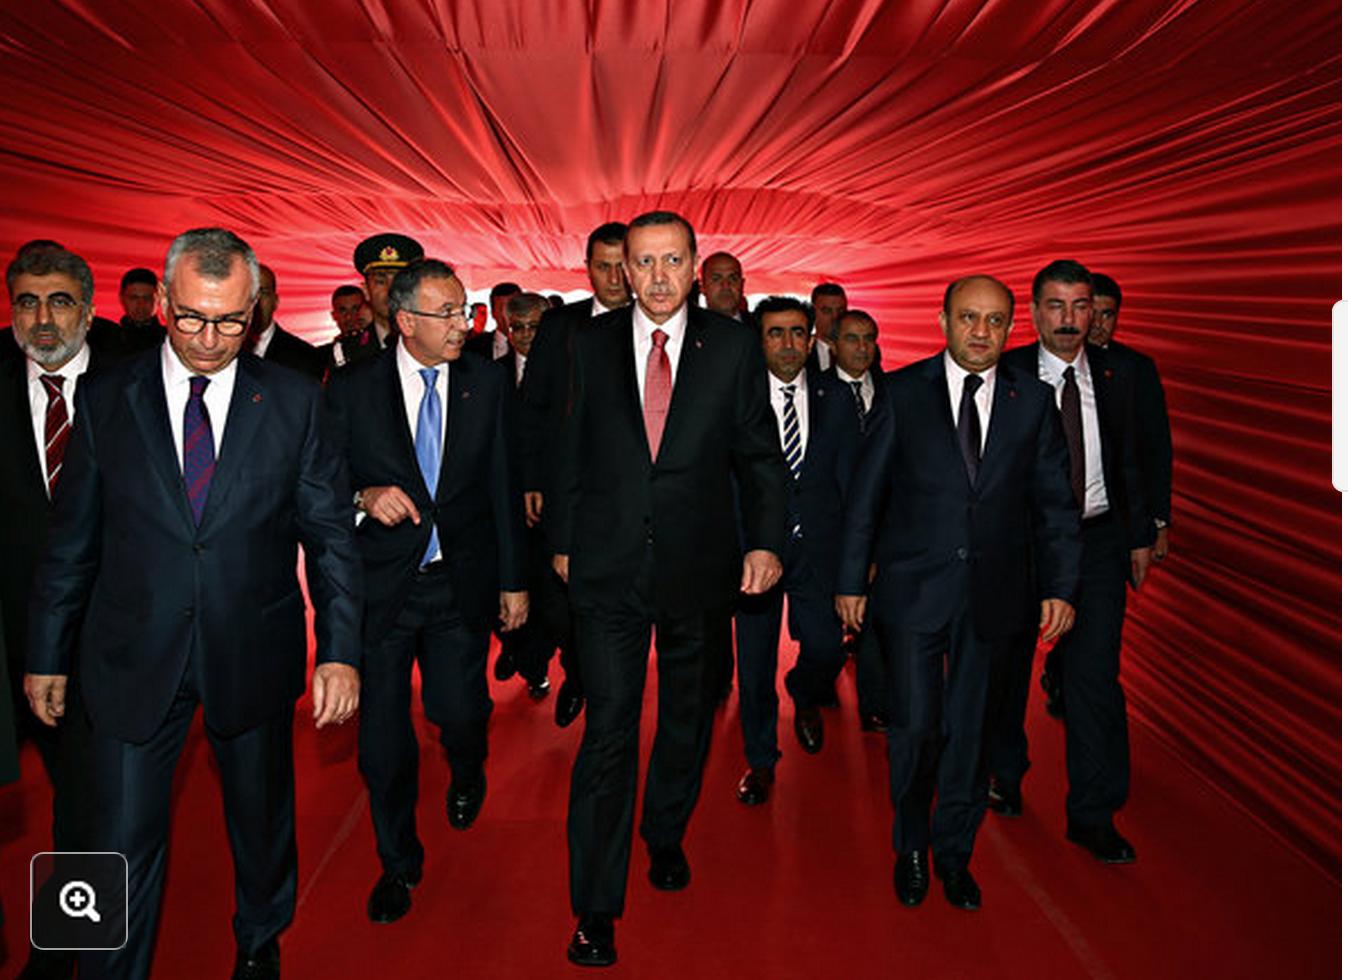 Kayhan Ozer/Presidential Press Service, via Associated